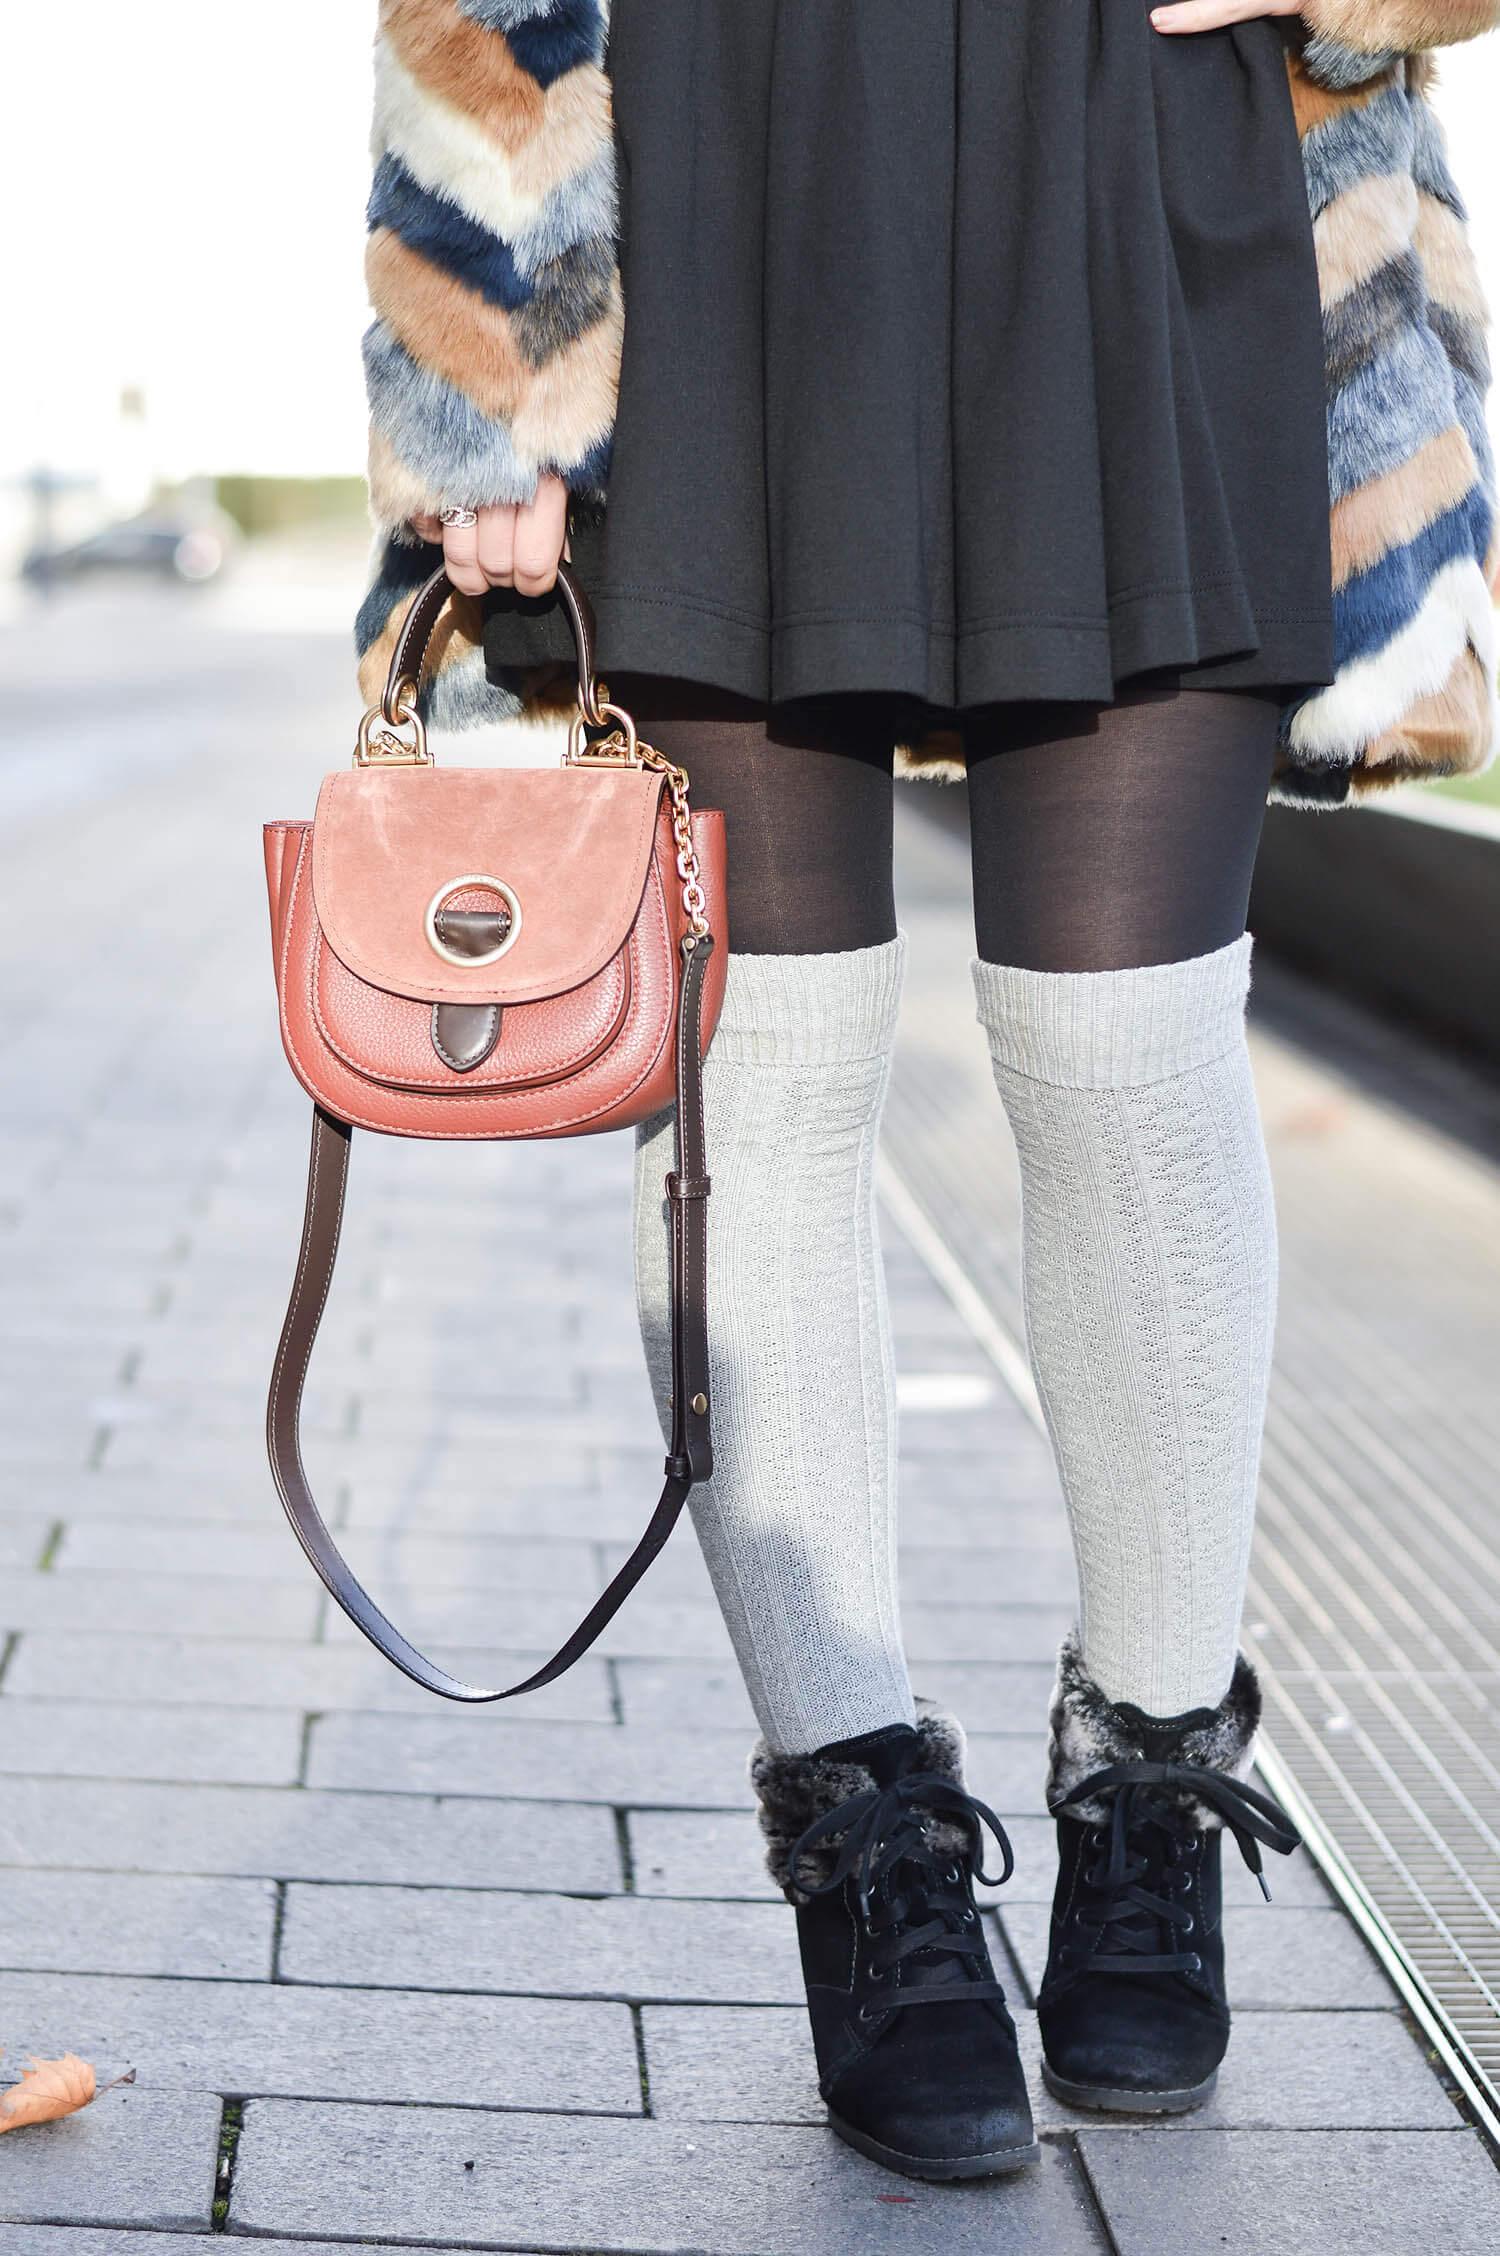 Kationette-fashionblog-Outfit-Cozy-Winter-streetstyle-Fake-Fur-Overknee-Socks-michaelkors-saddlebag